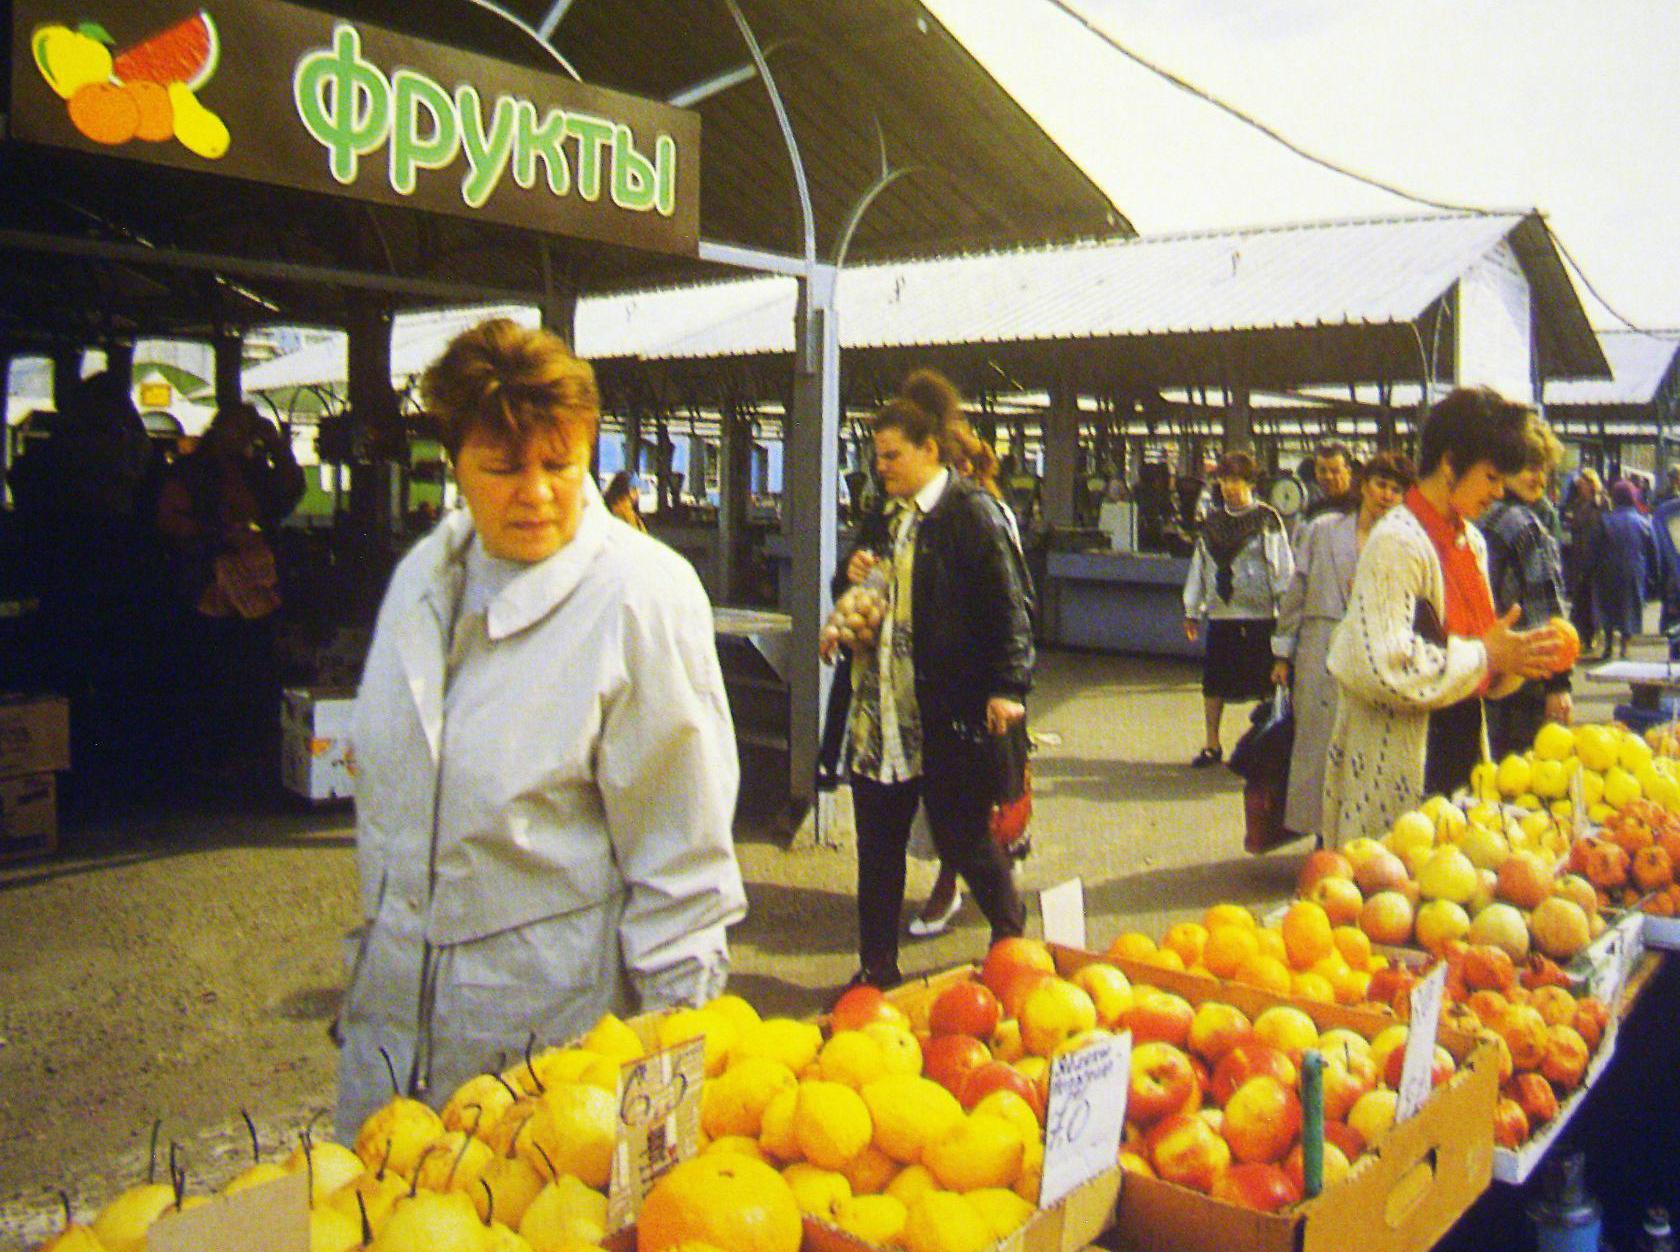 История в фотографиях. Городской рынок из 90-х